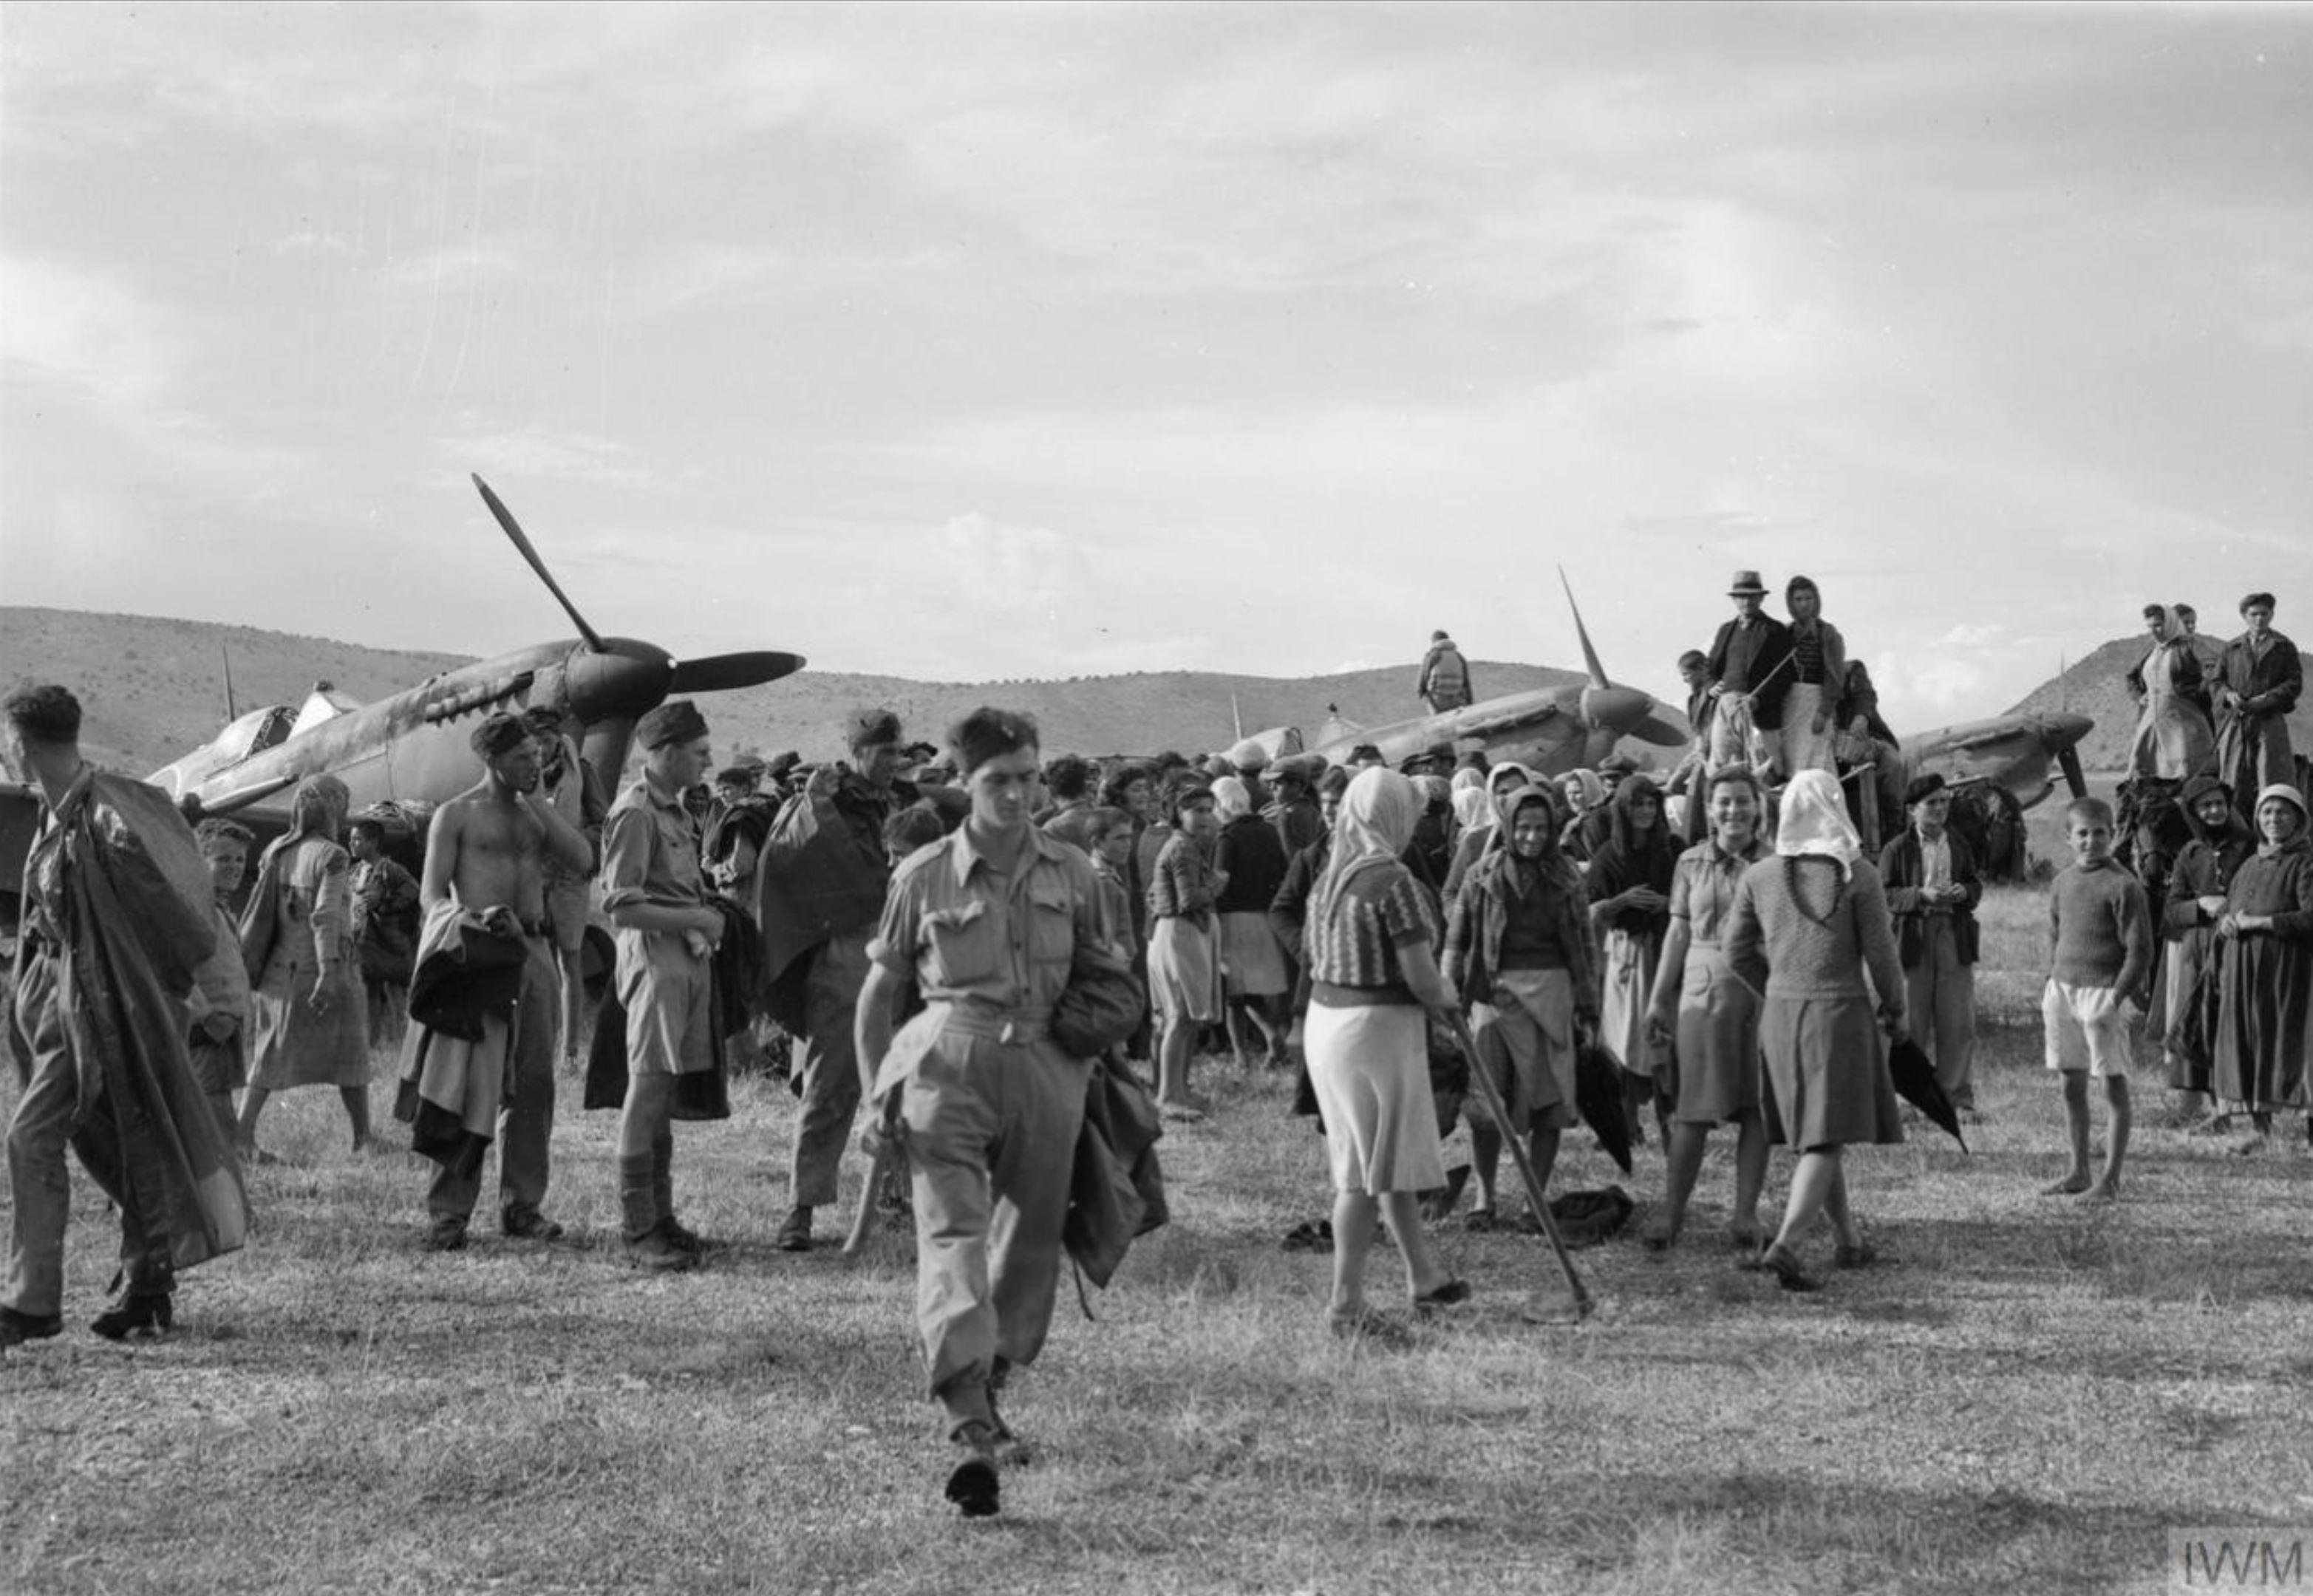 Spitfire MkVcTrop RAF 32Sqn arriving at Araxos Greece 23 Sep 1944 IWM CNA3157